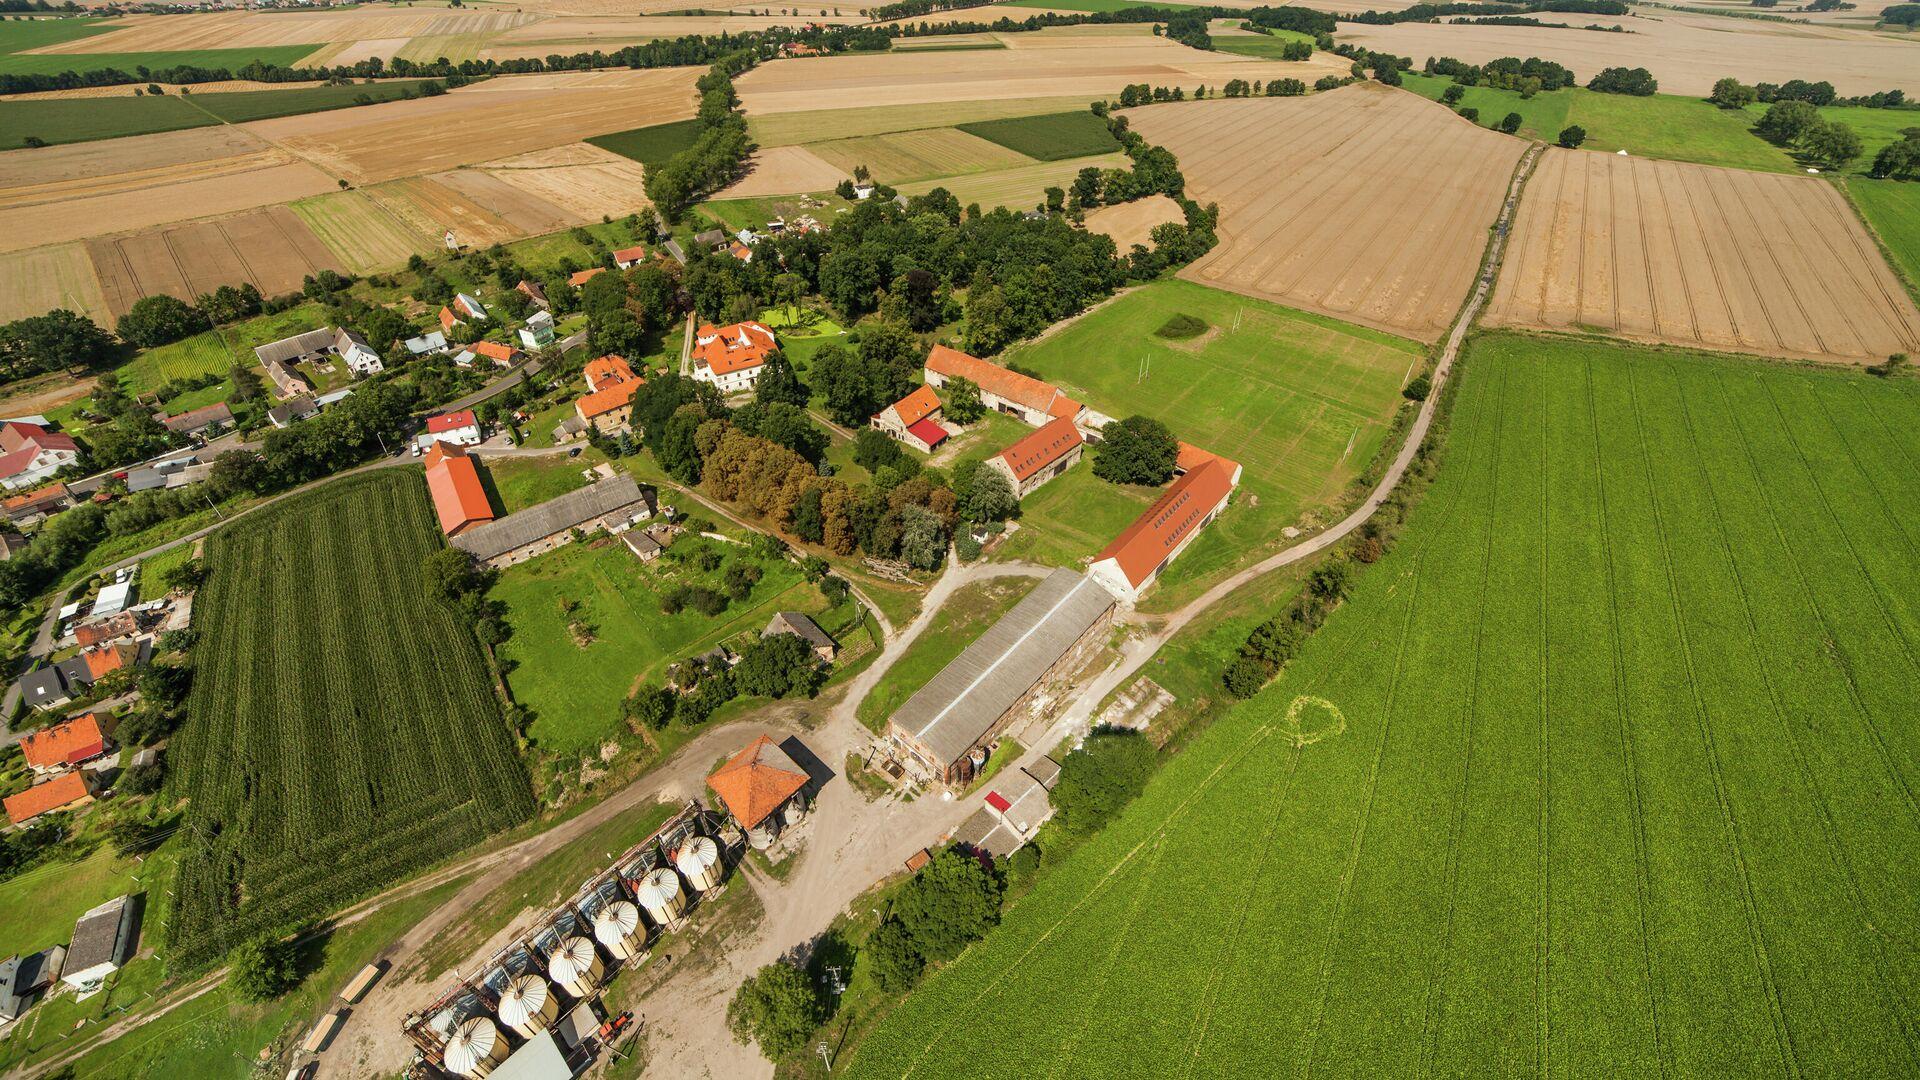 Ферма в Польше - РИА Новости, 1920, 23.09.2020